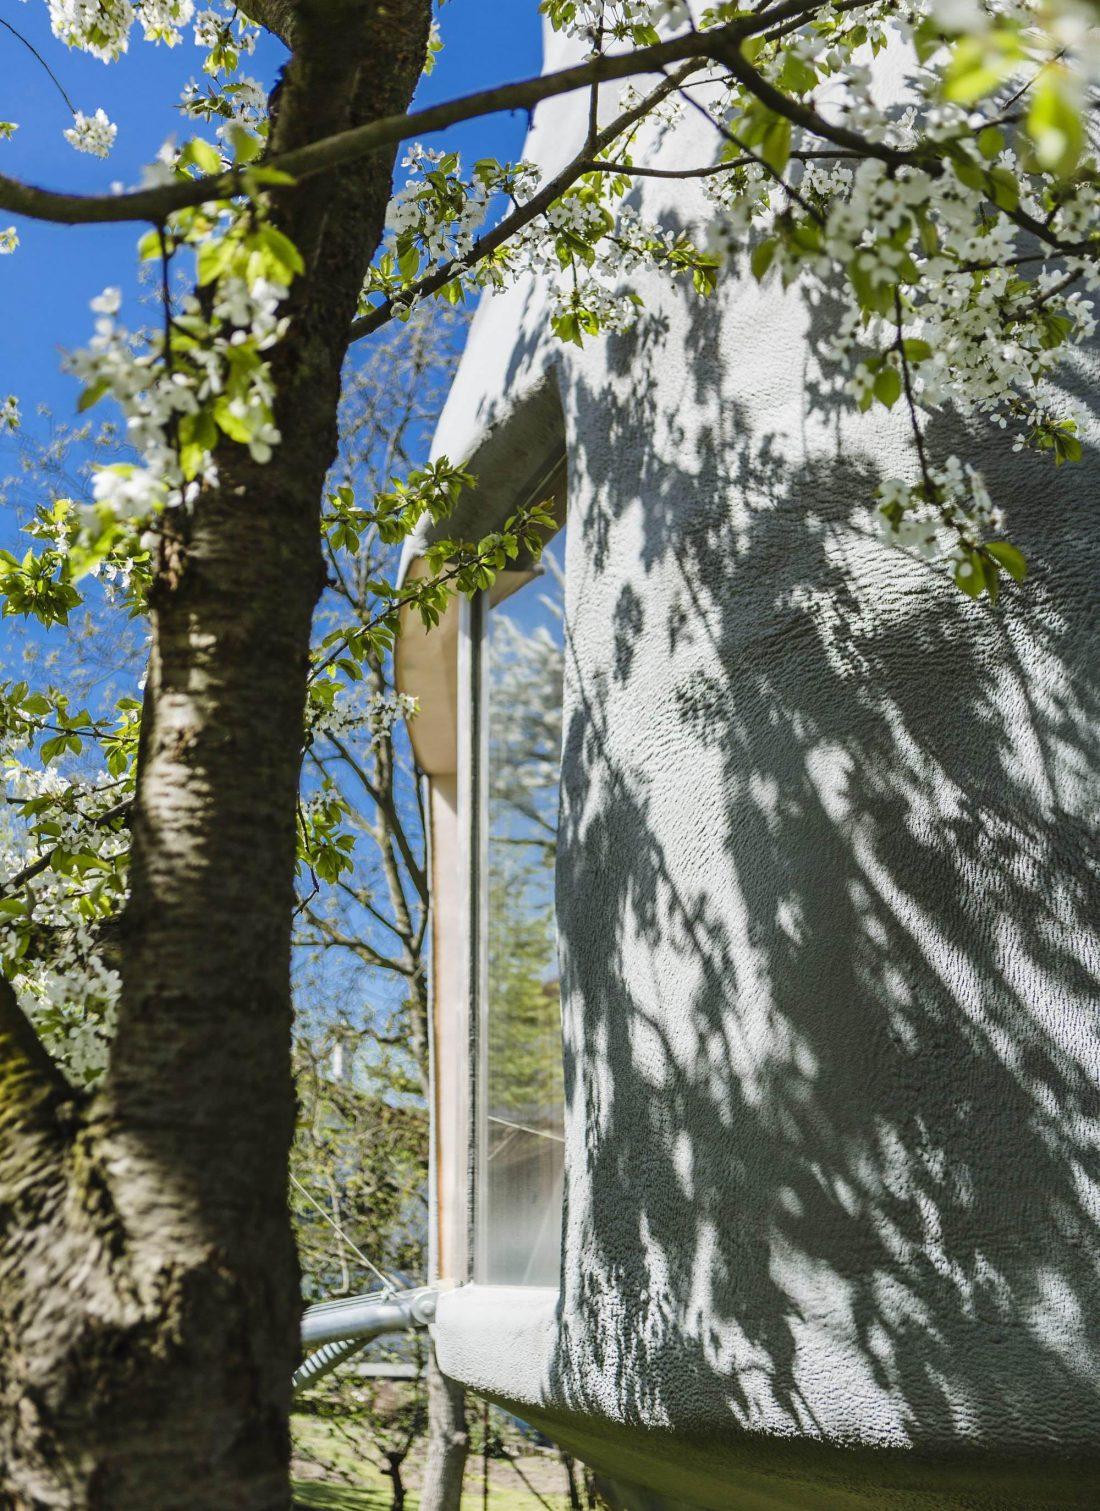 Семейный дом-дерево от студии SEPKA ARCHITEKTI 34